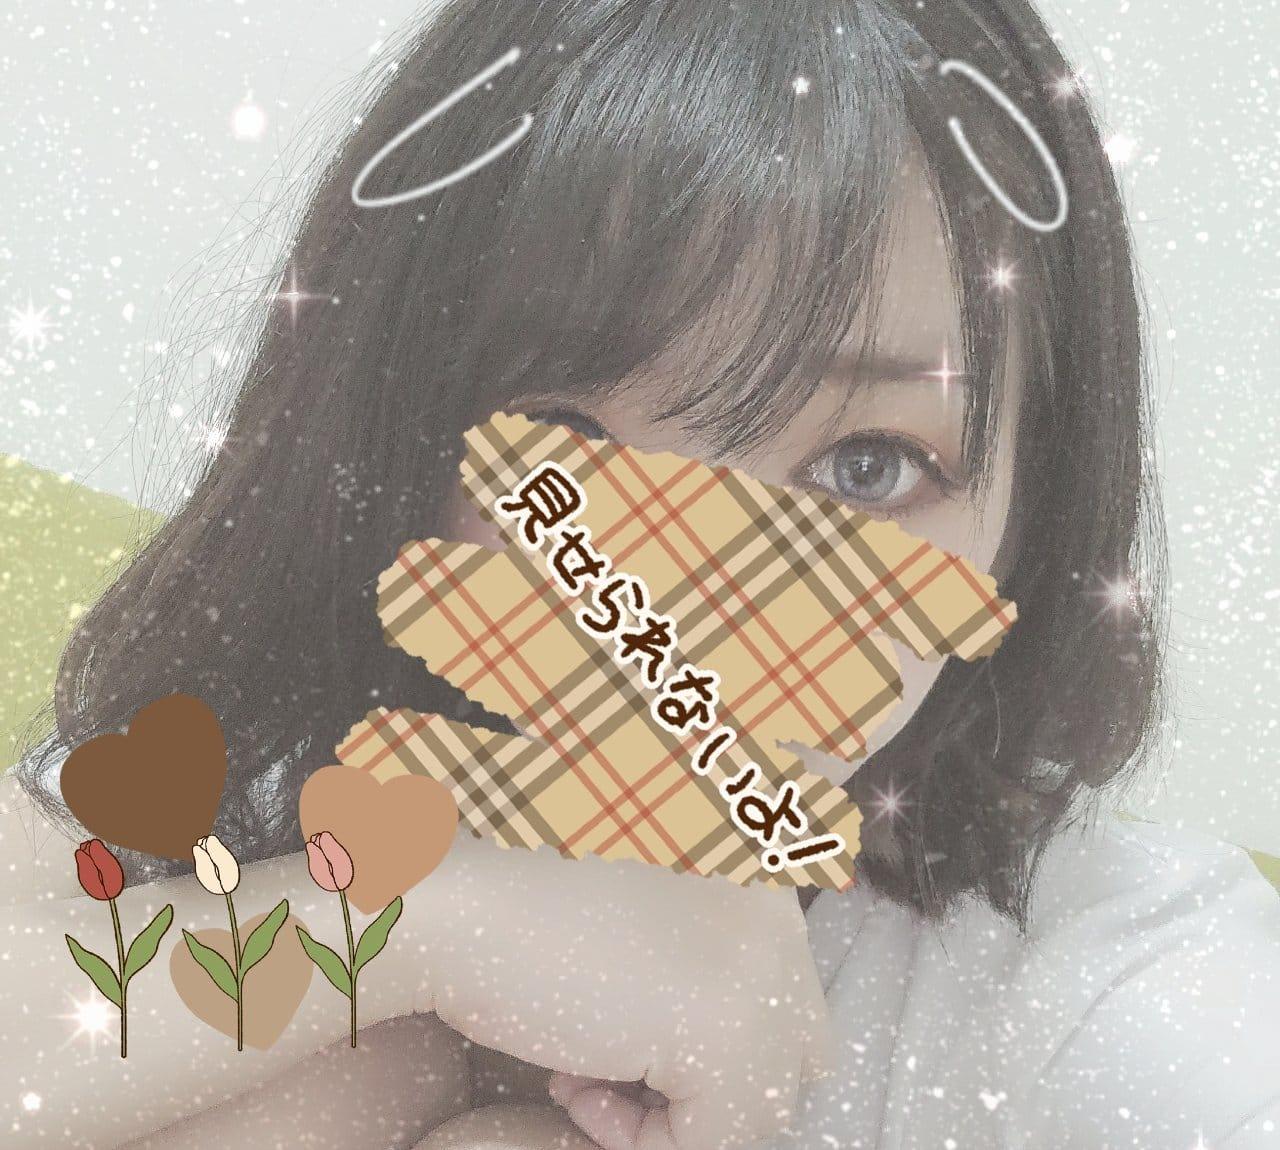 「こんにちは!」06/04(金) 17:04   如月 ルイの写メ日記